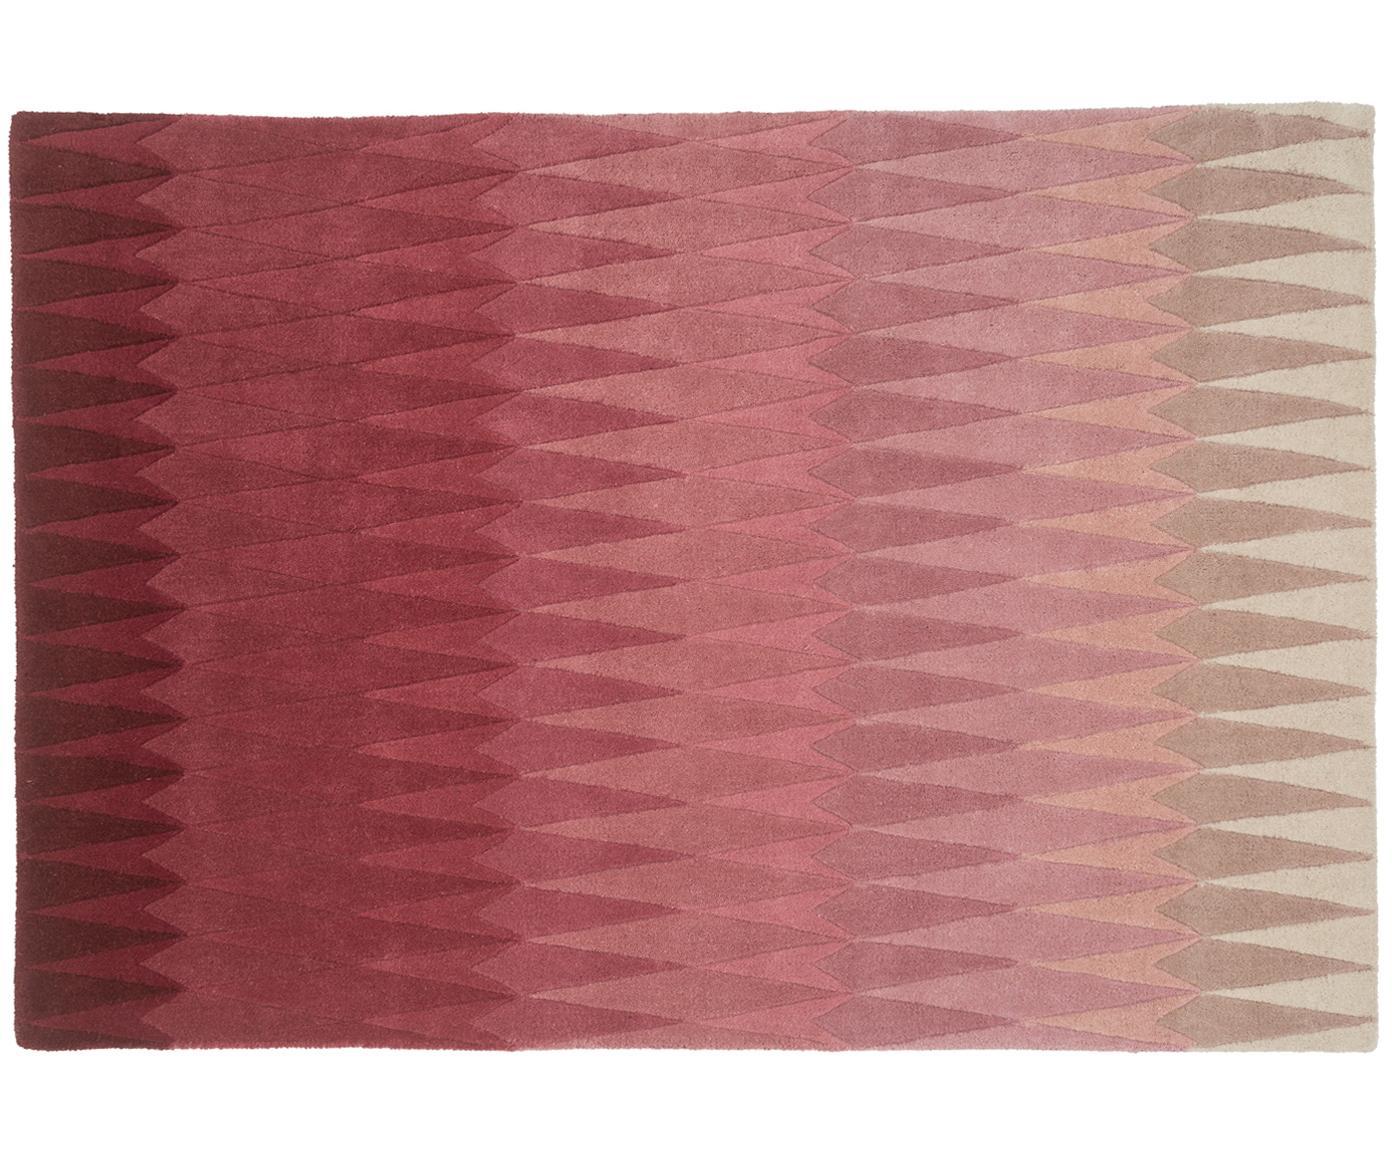 Handgetufteter Designteppich Acacia mit Farbverlauf in Pink, Pink, B 140 x L 200 cm (Grösse S)